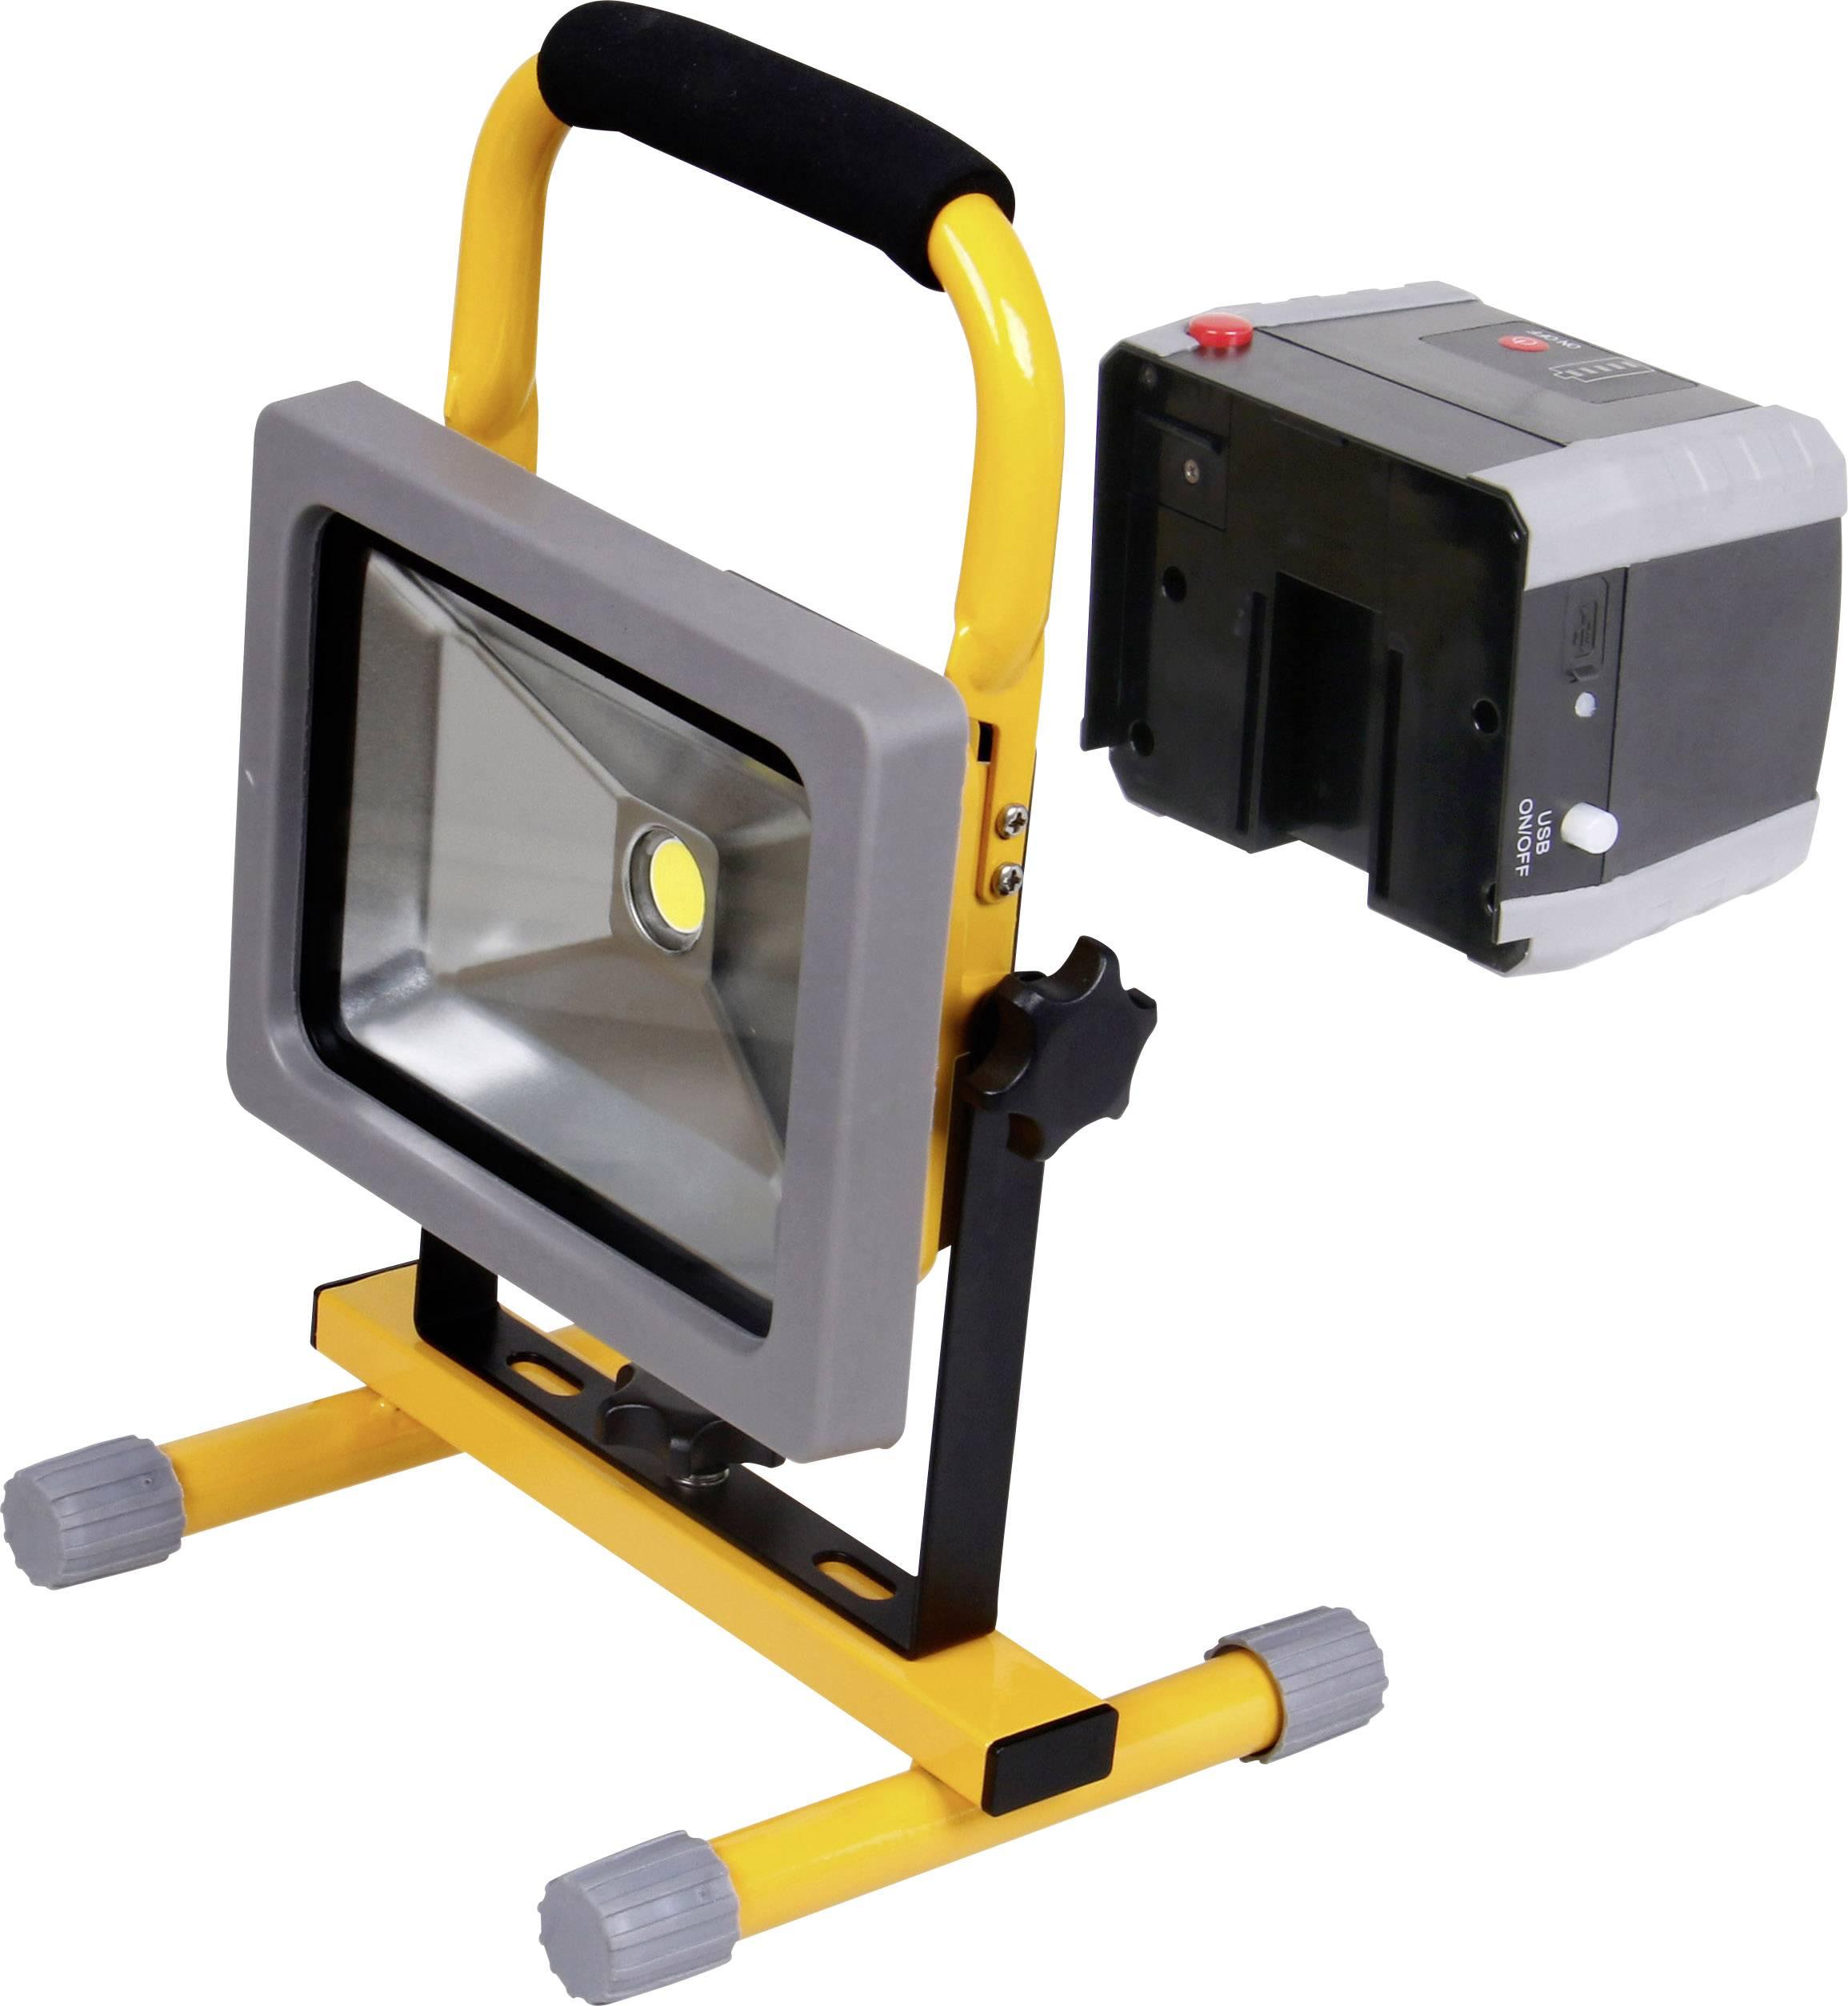 COB LED pracovné osvetlenie Shada 300171 20 W, napájanie z akumulátoru